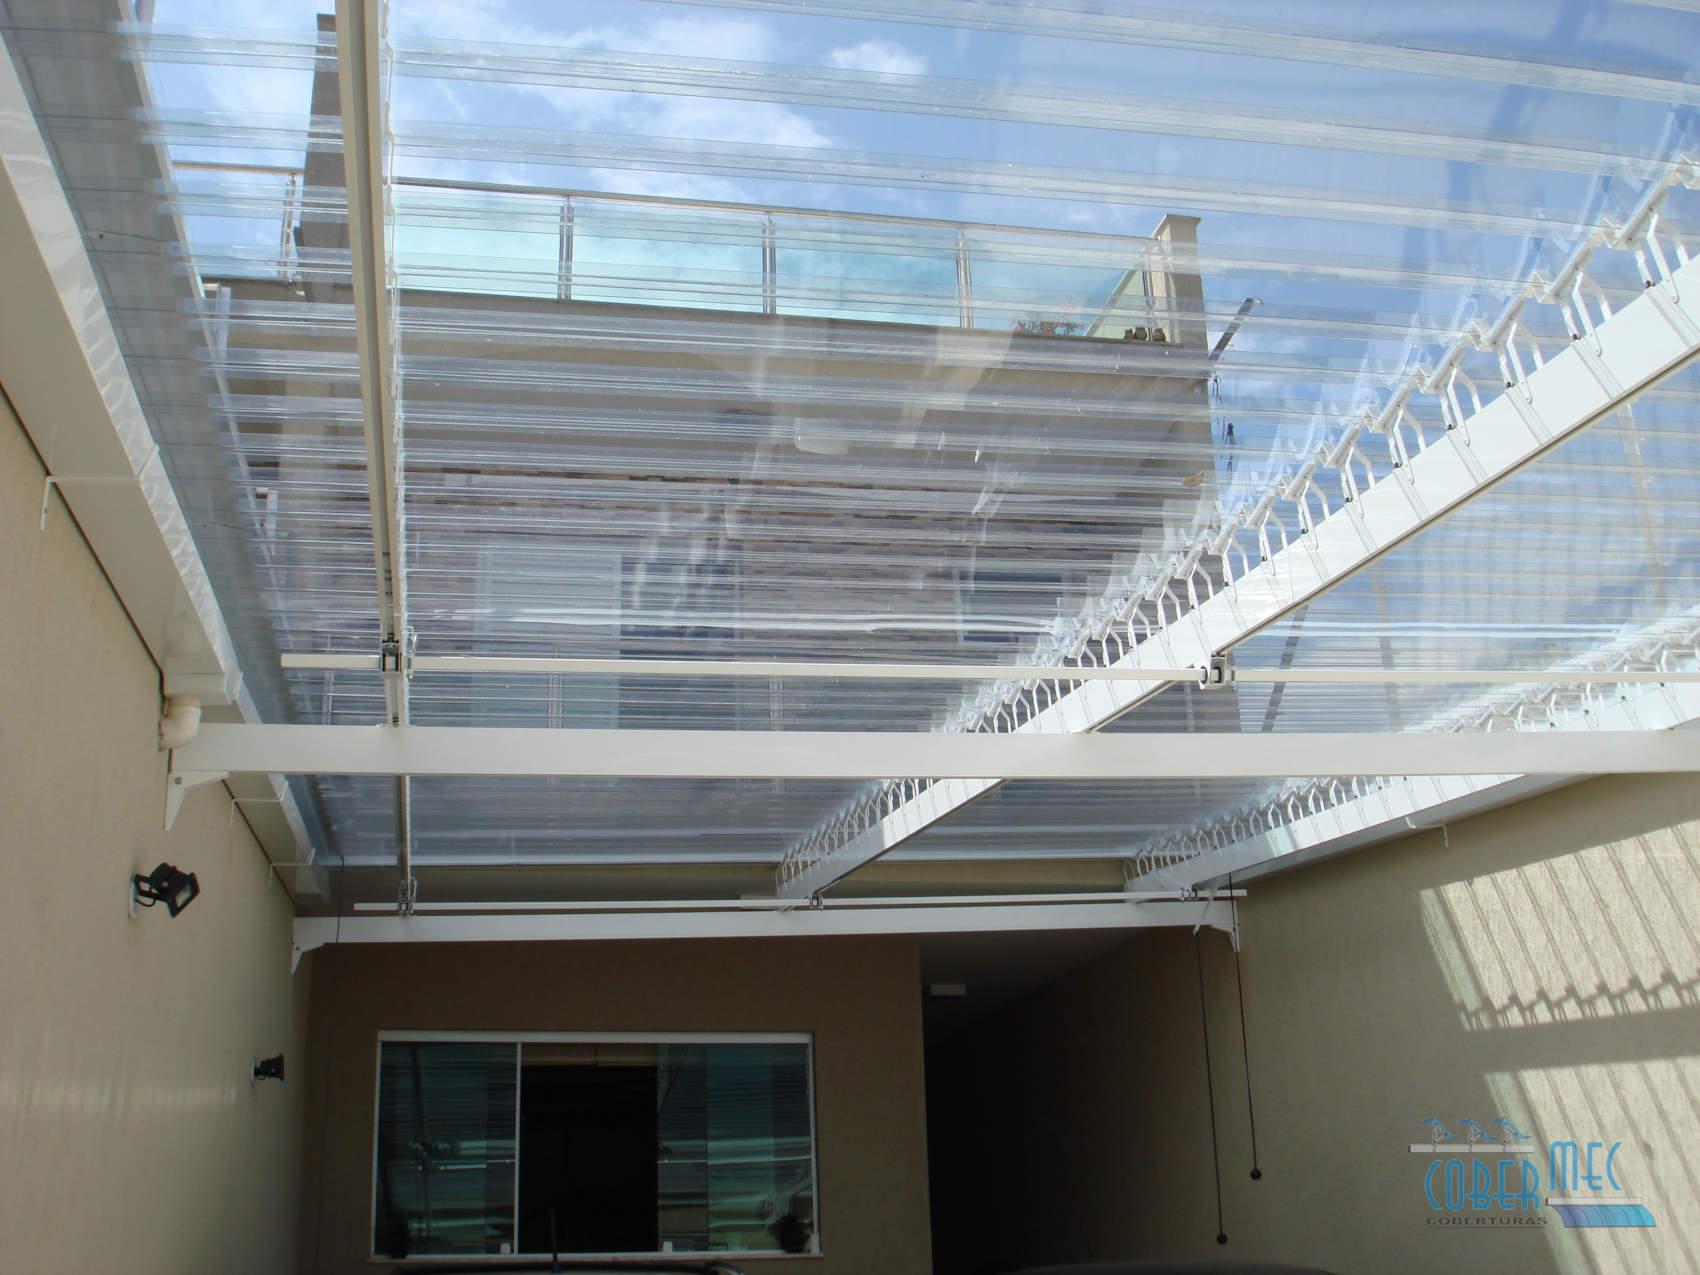 Cobertura em policarbonato cobermec toldos abre e for Materiales para toldos de aluminio